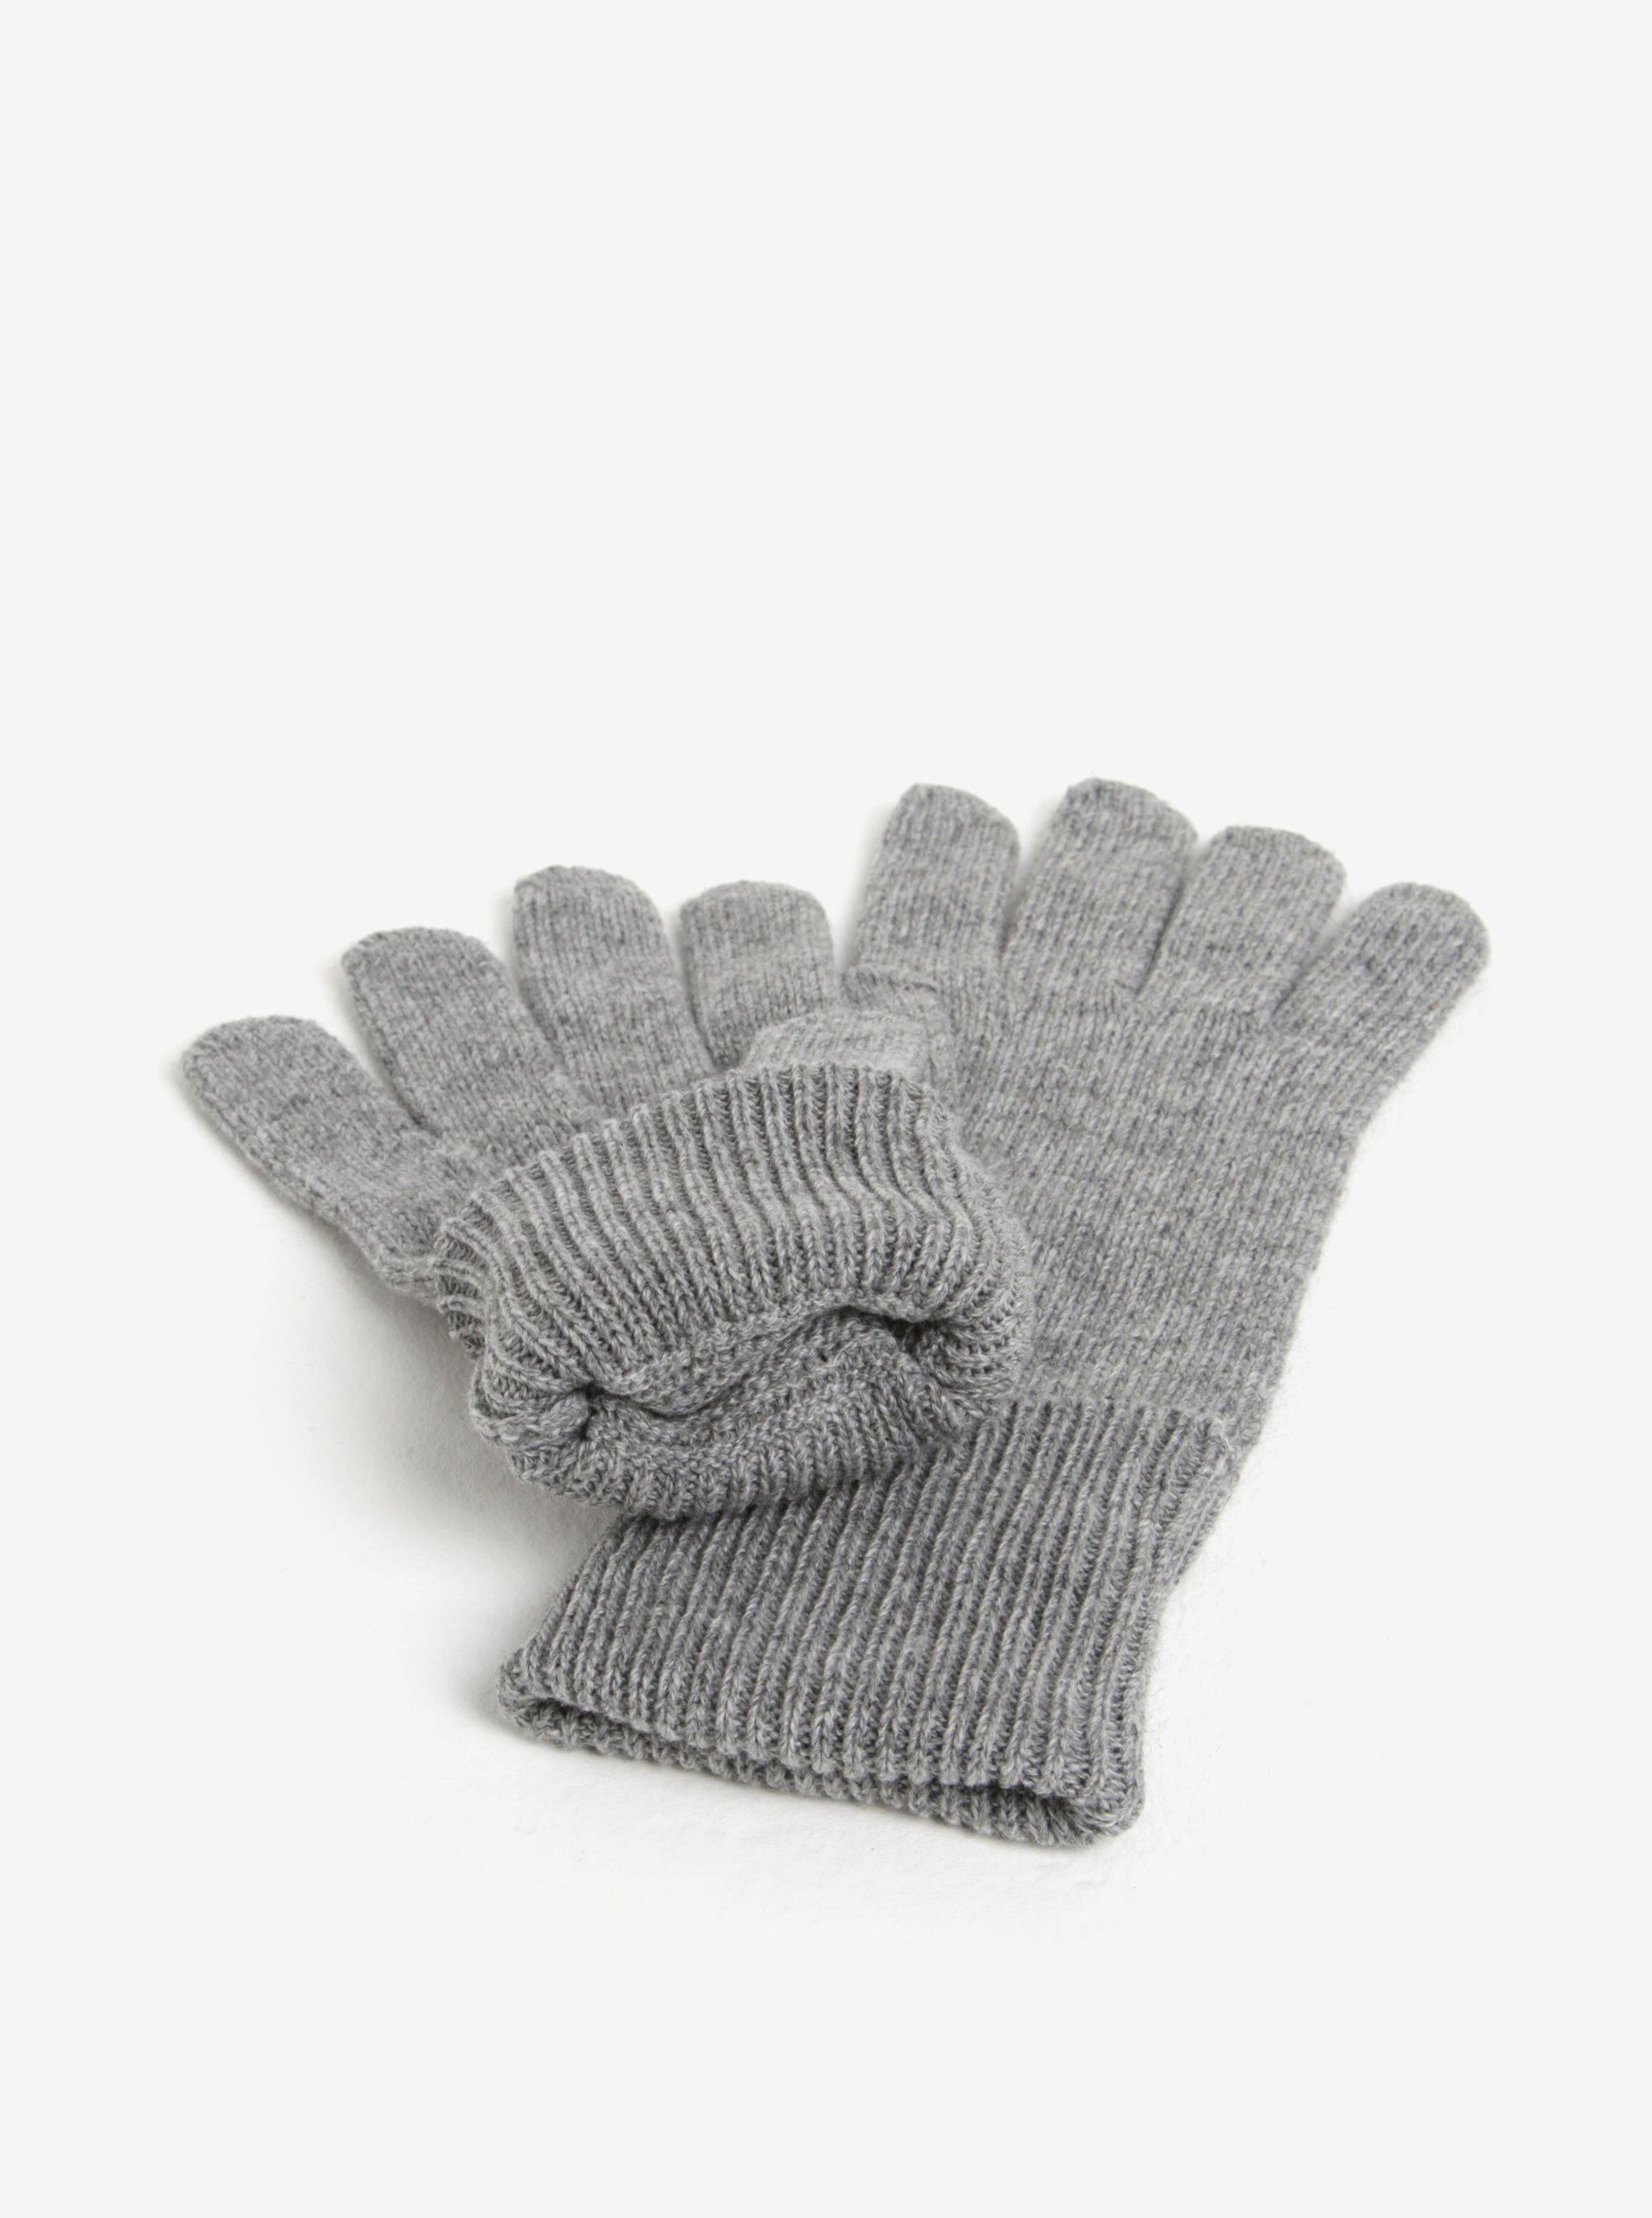 Súprava dámskej čiapky a rukavíc v sivej farbe v darčekovej škatuľke Tommy  Hilfiger ... 8db36633e5b